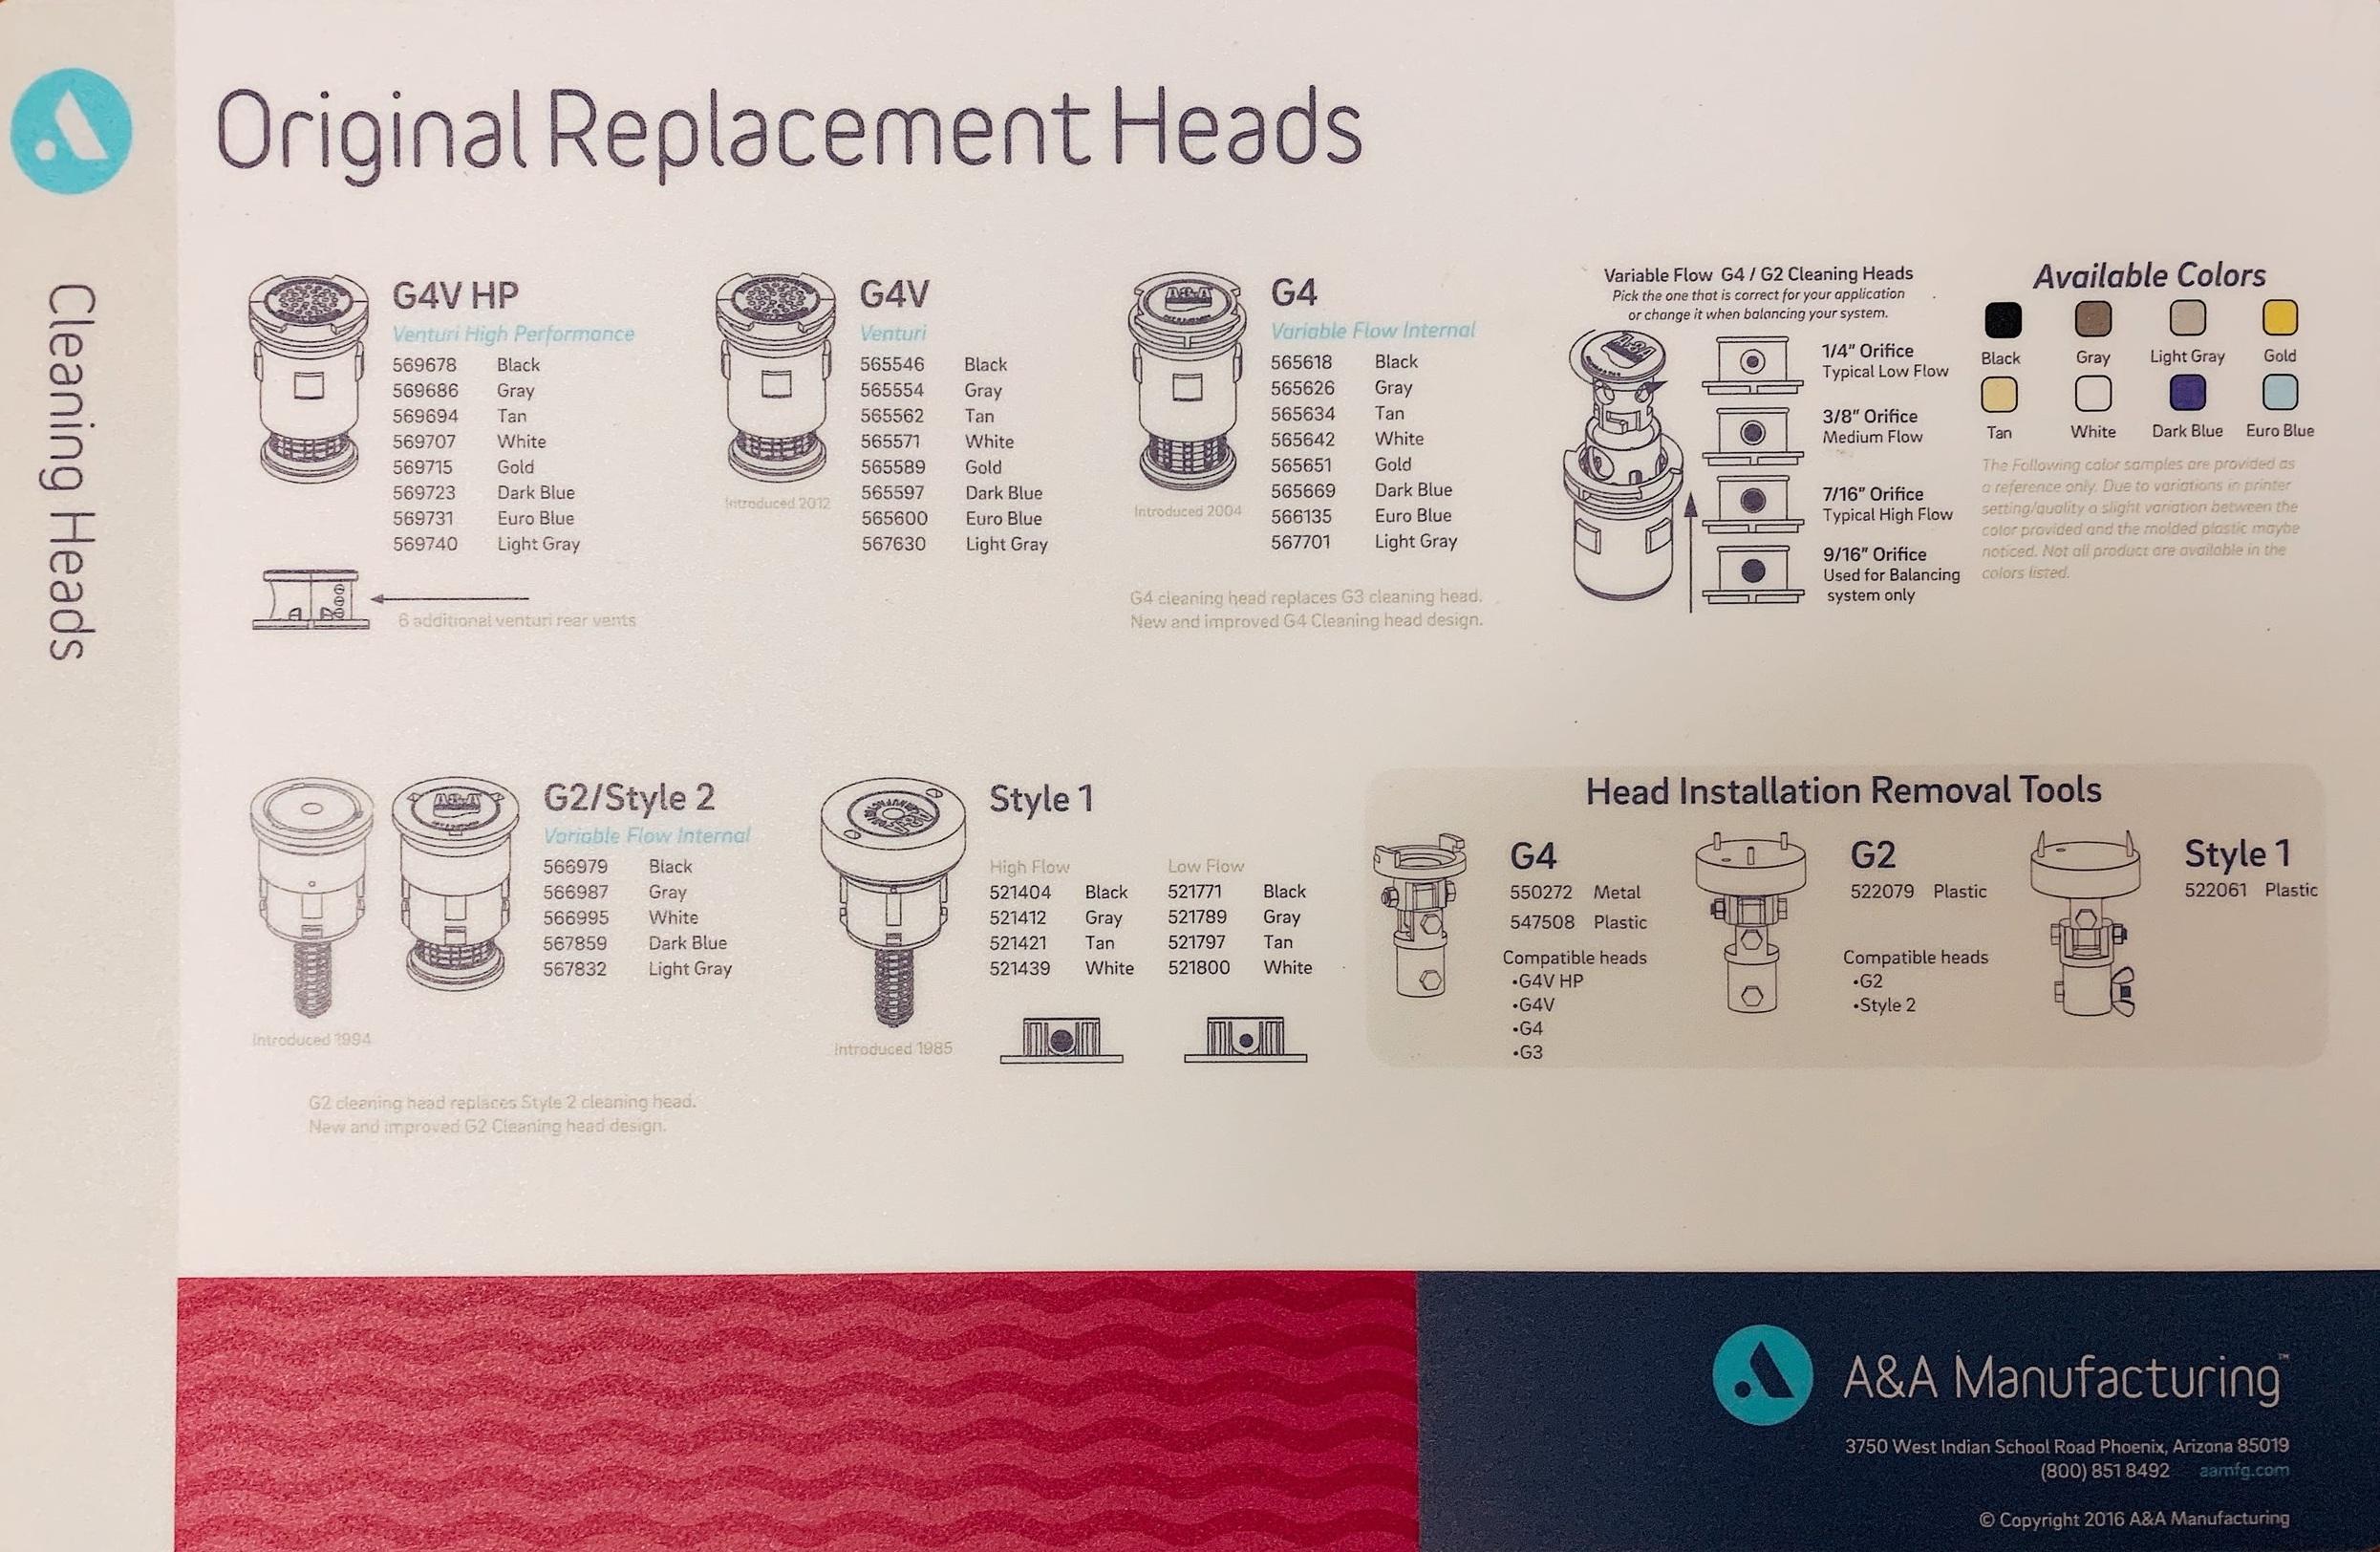 A&A Mfg Original Replacement Heads